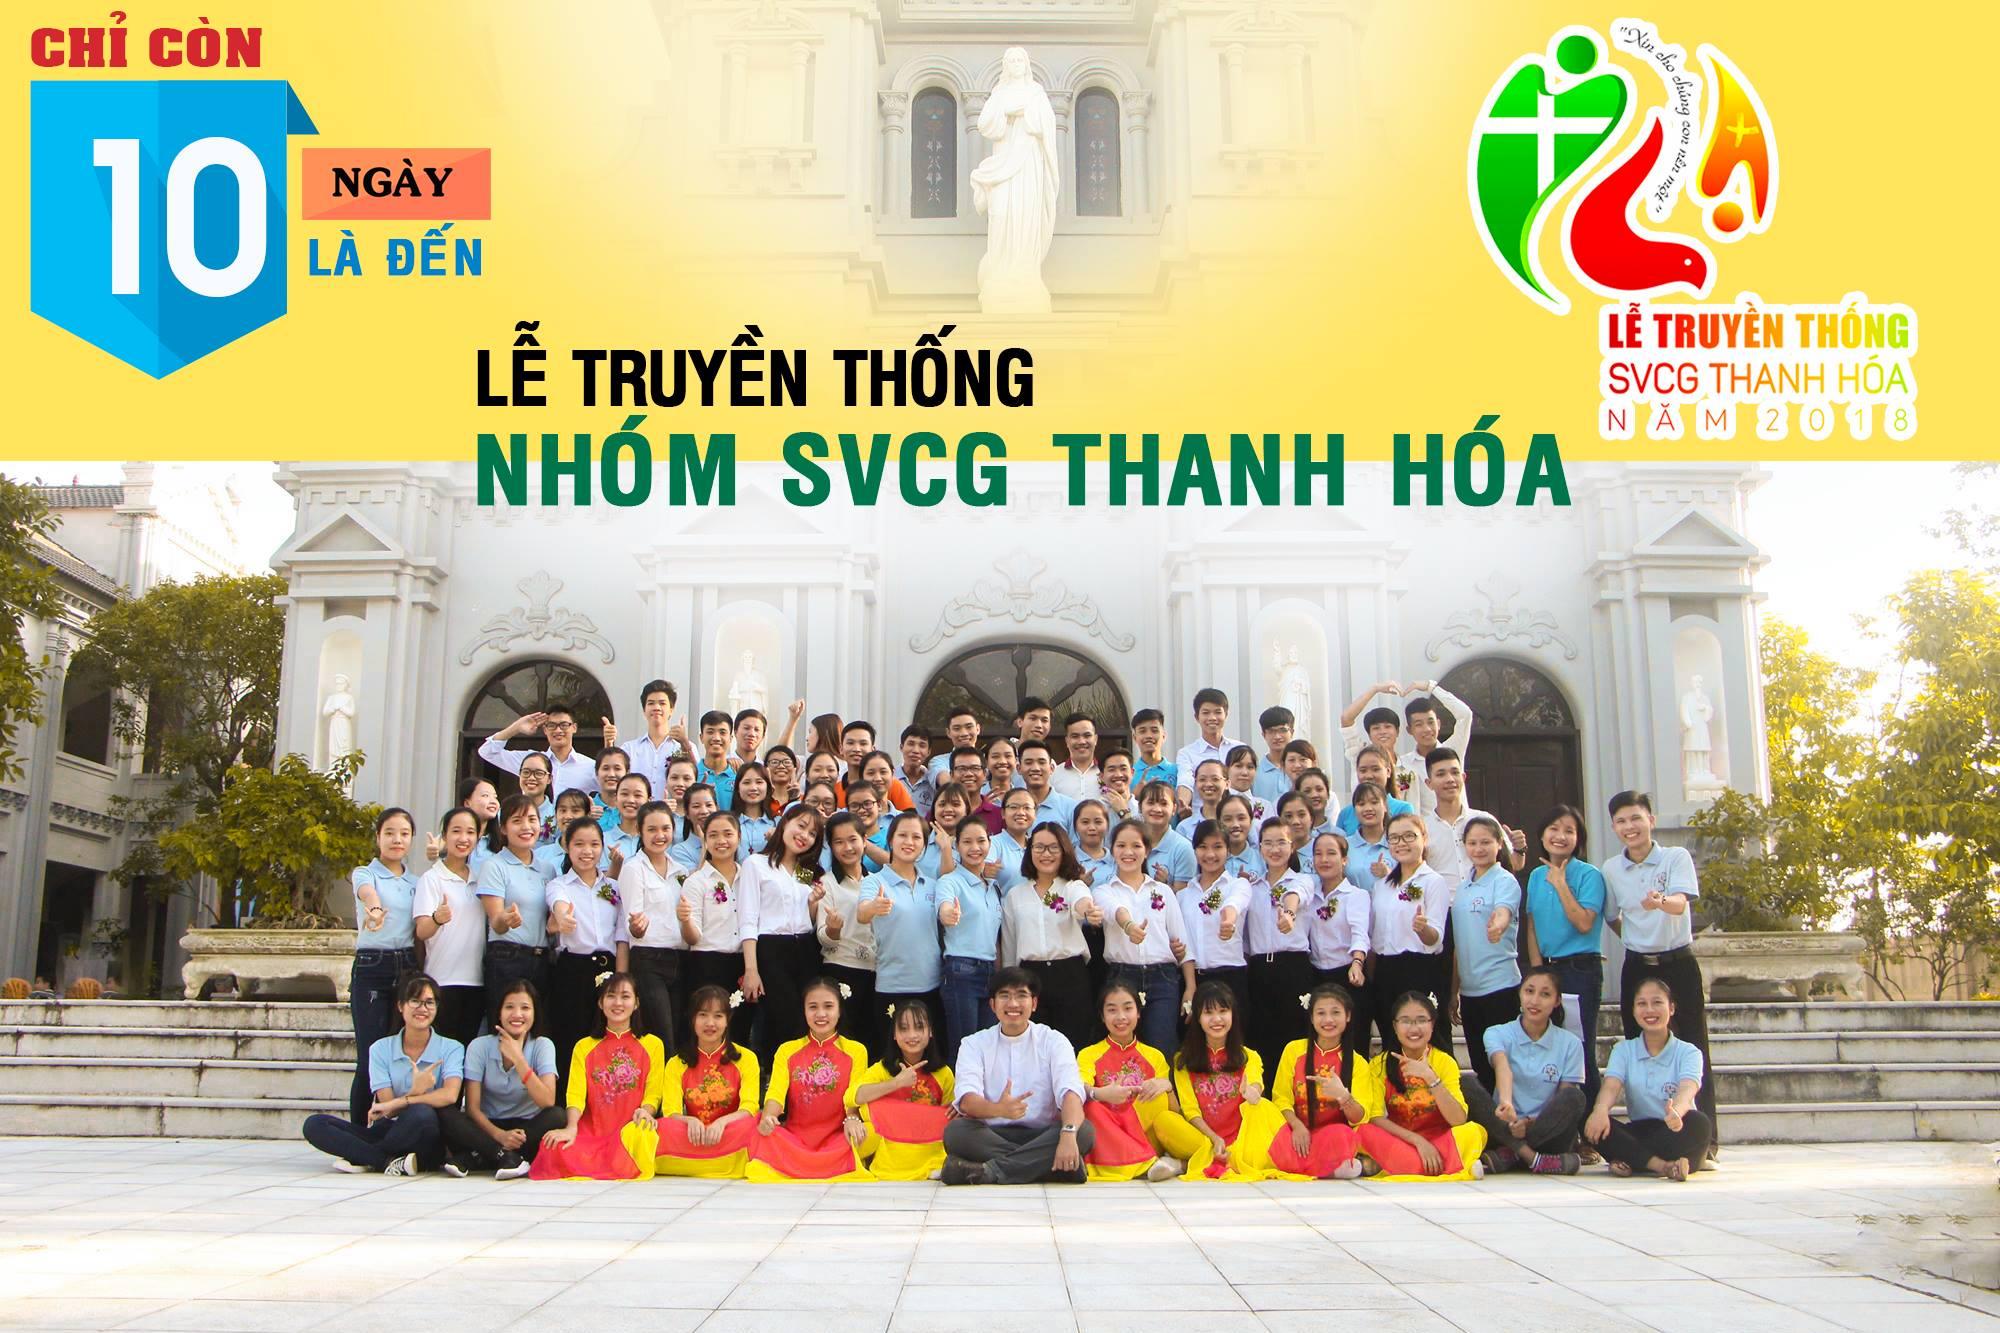 Chỉ còn gần 10 ngày Lễ Truyền thống SVCG Thanh Hóa 2018 sẽ diễn ra